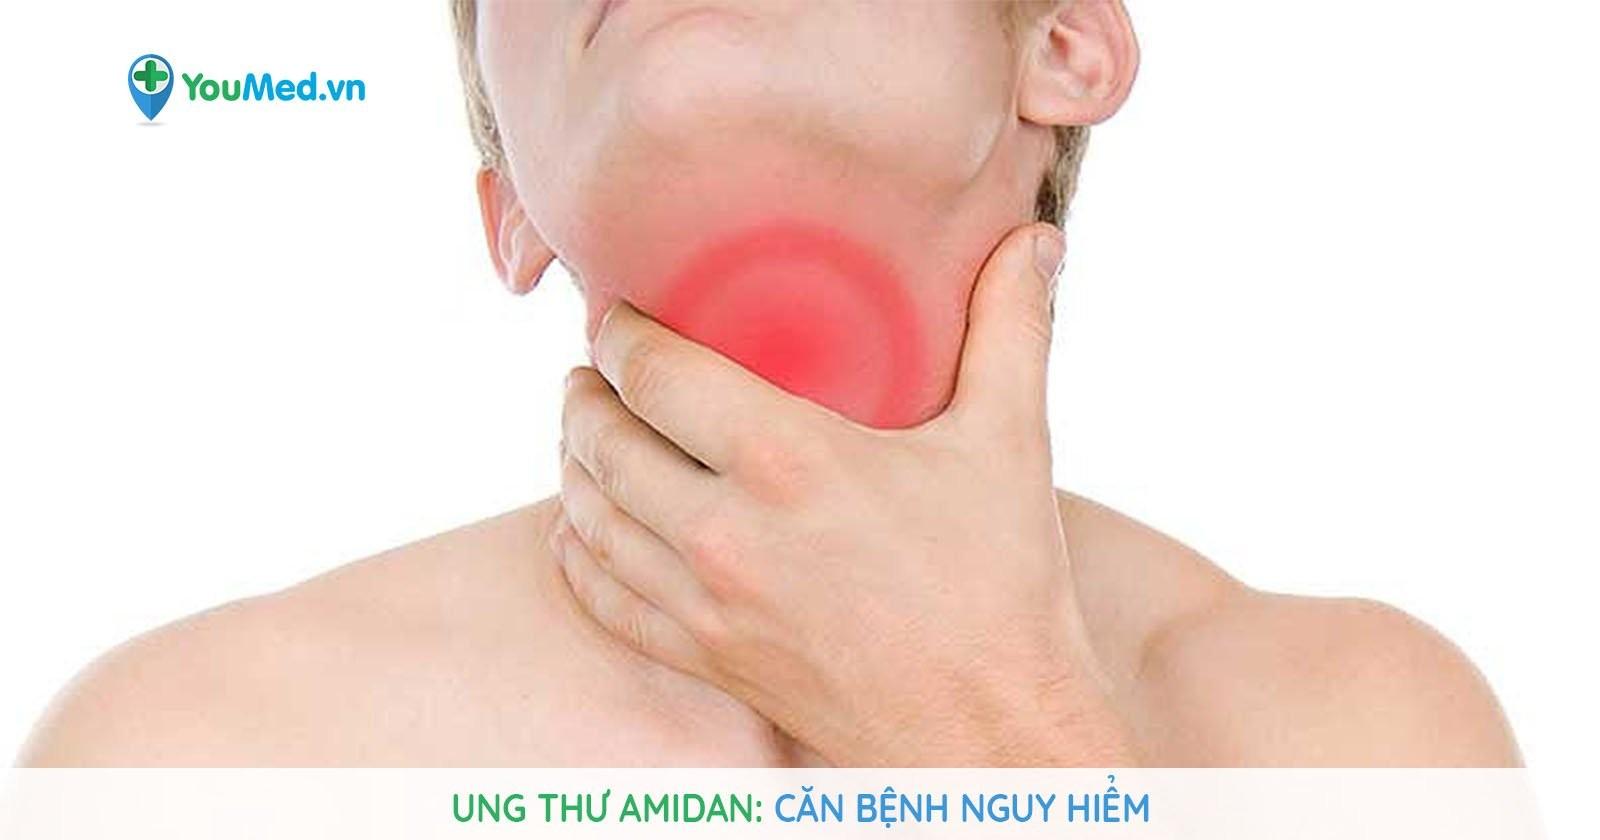 Ung thư amidan: Căn bệnh nguy hiểm!